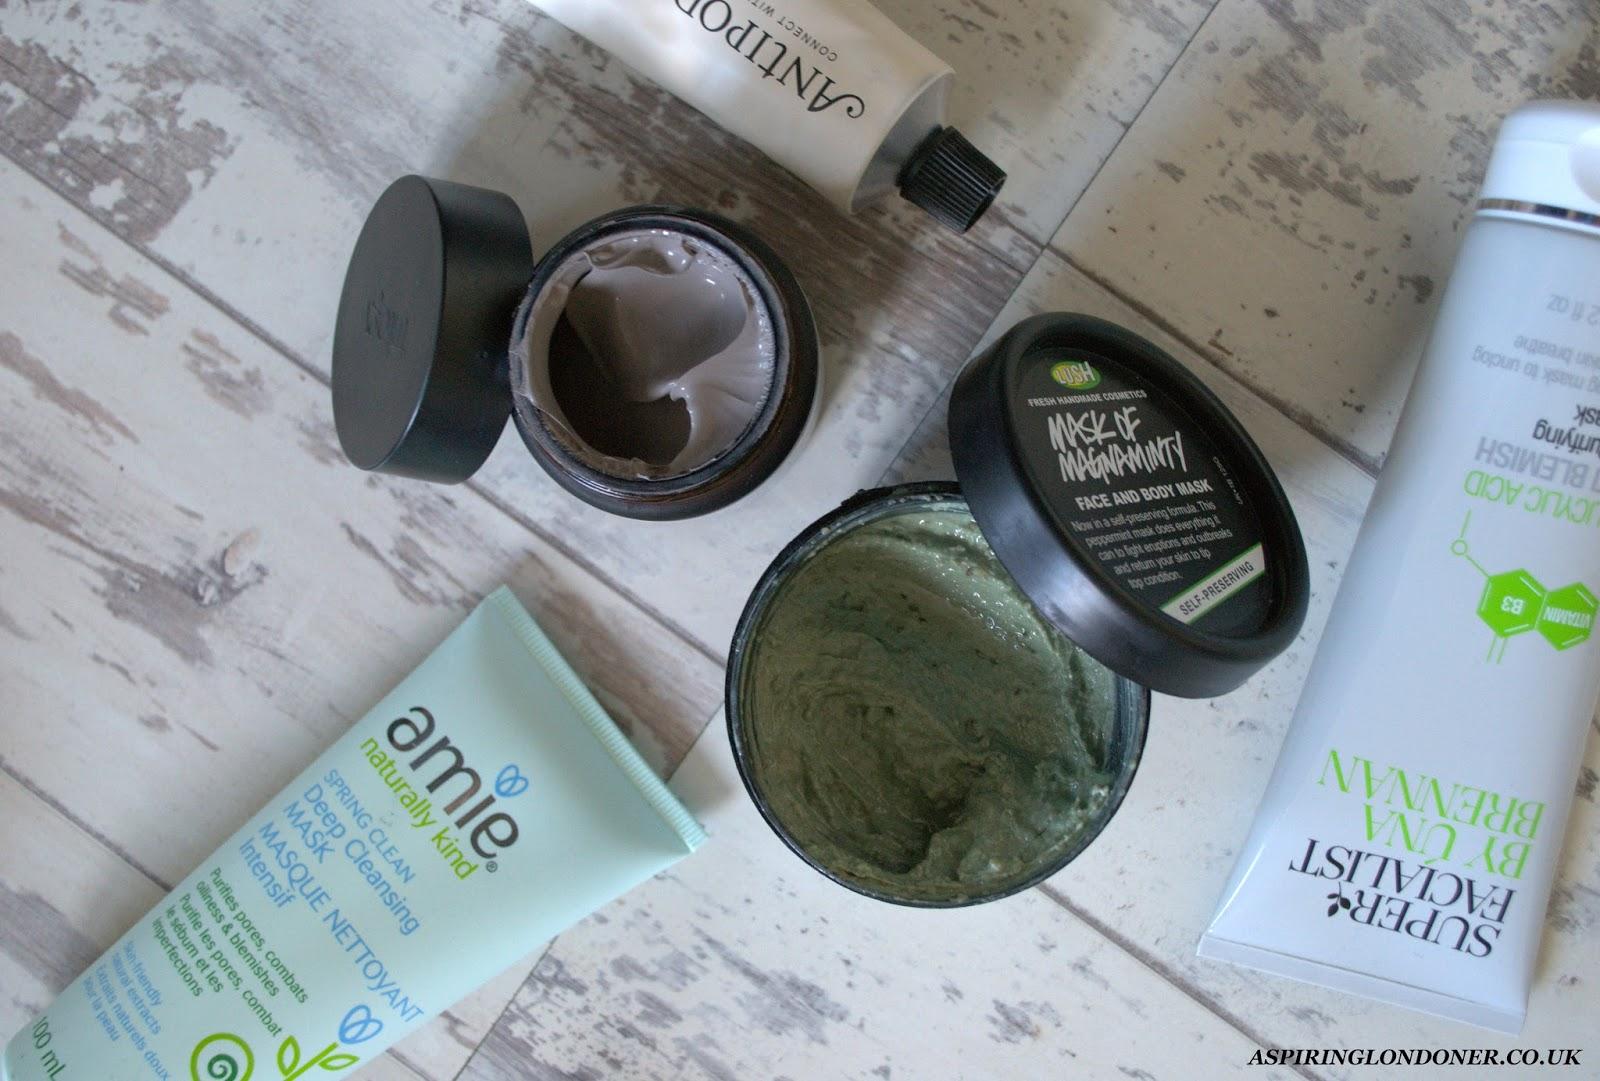 Multi-masking Anti-blemish Clarifying Cleansing Masks - Aspiring Londoner